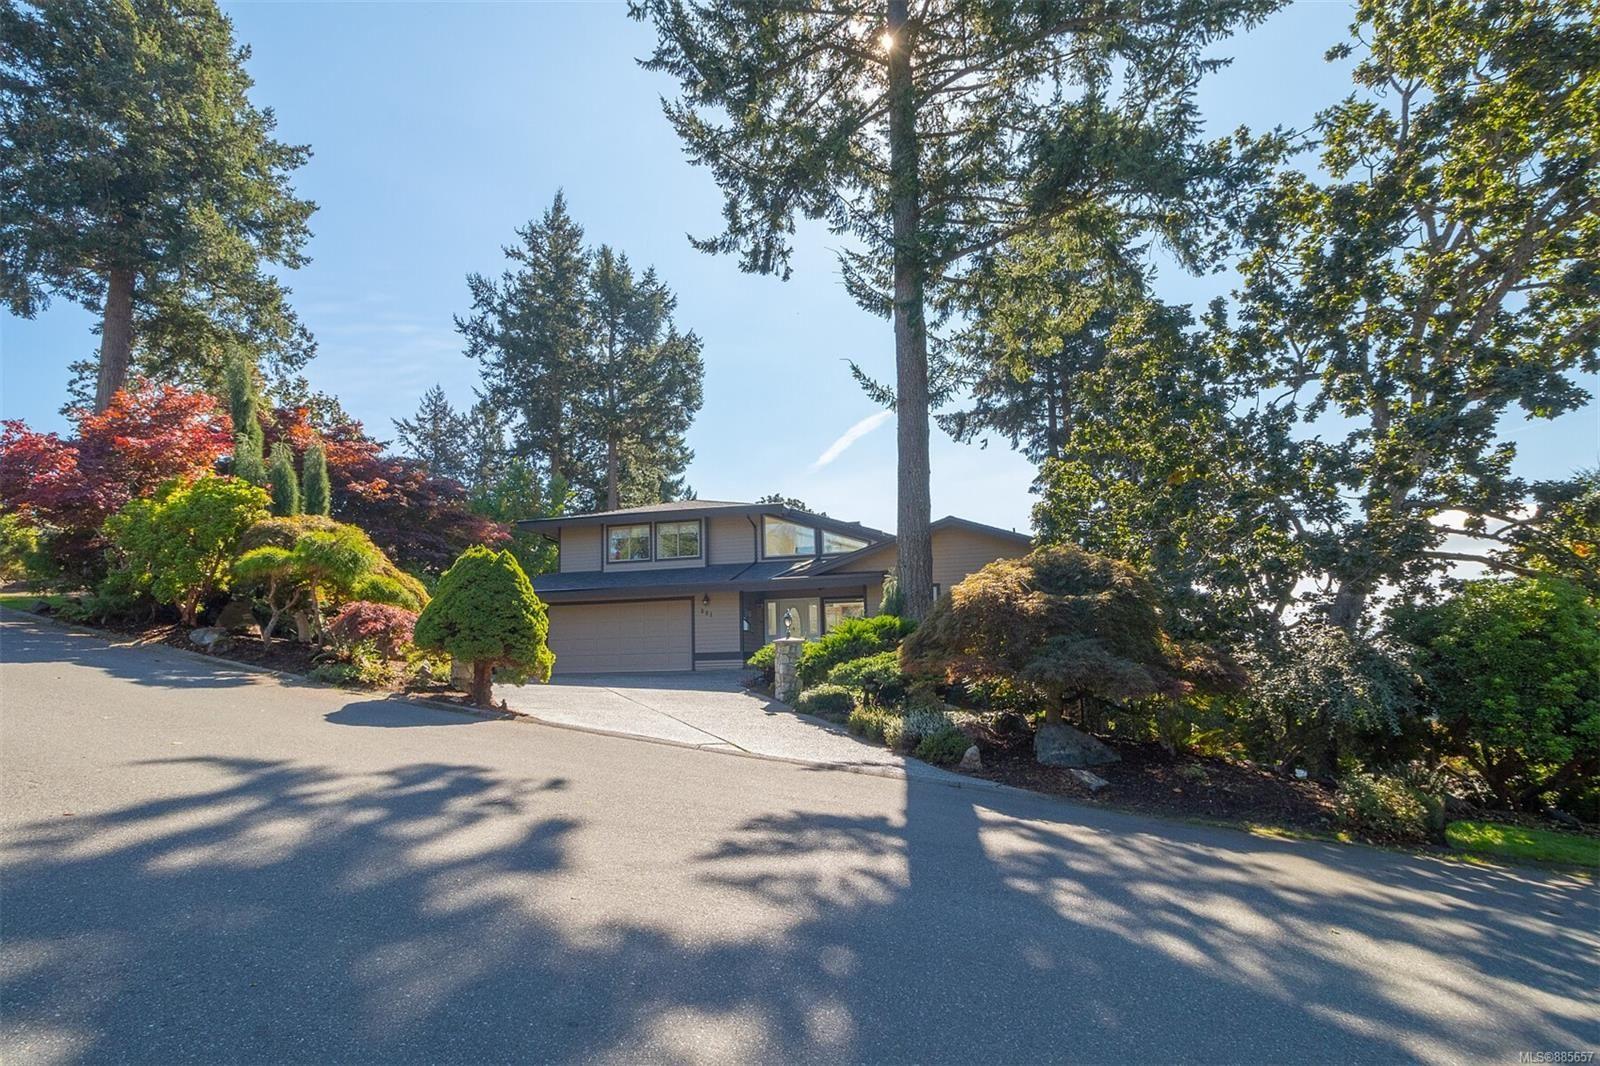 Main Photo: 901 Cobblestone Lane in Saanich: SE Broadmead House for sale (Saanich East)  : MLS®# 885657